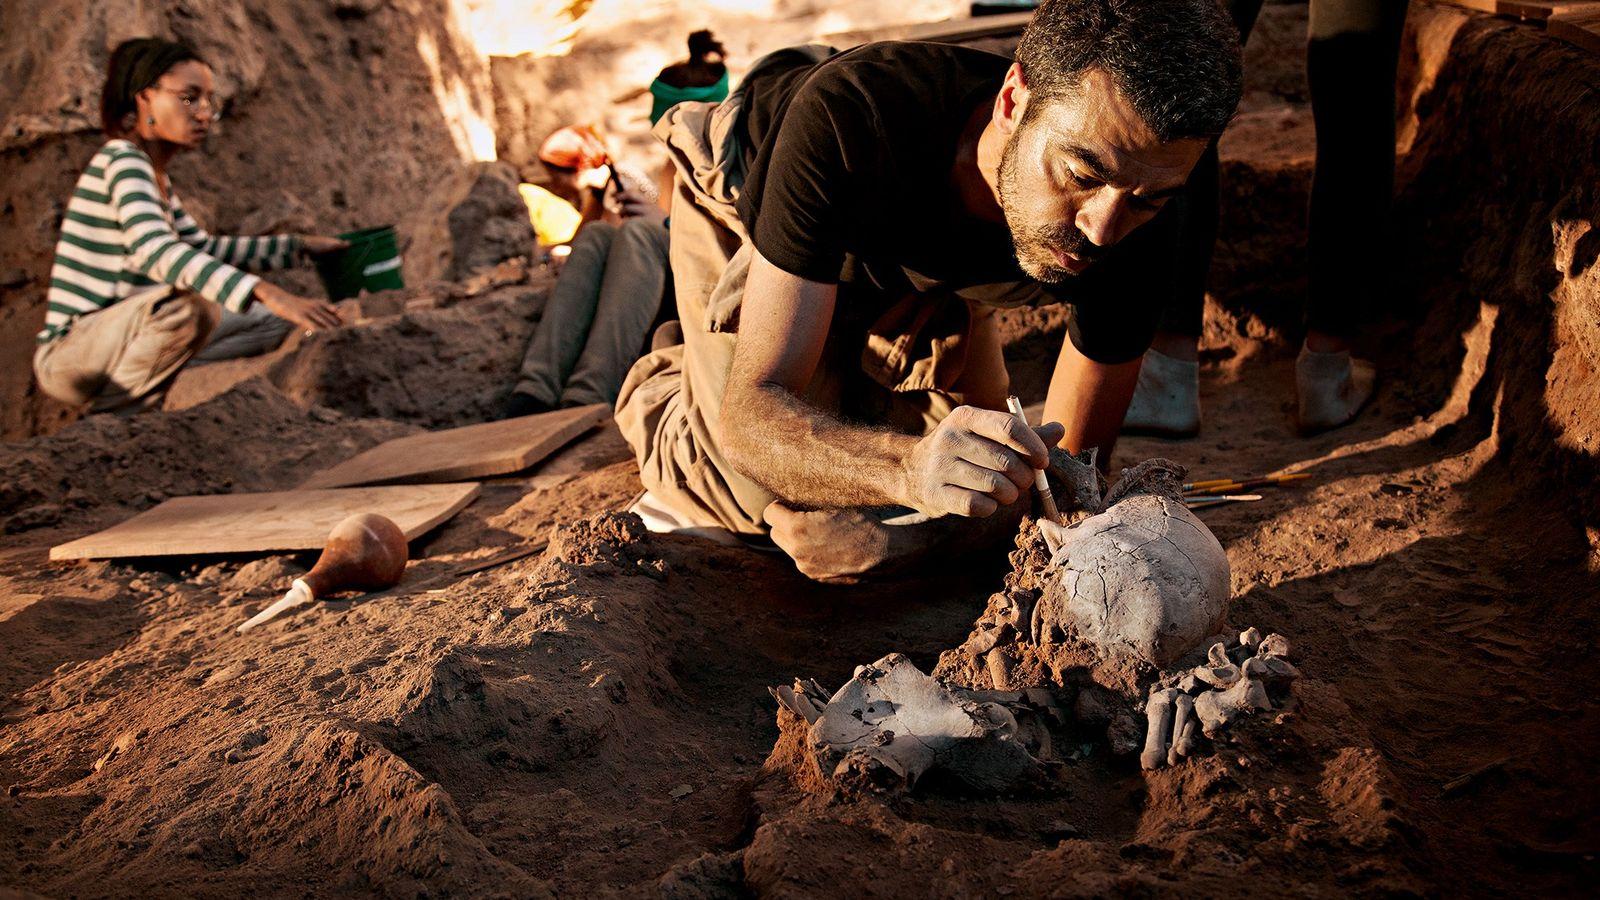 O bioantropólogo e dentista Rodrigo Elias Oliveira exuma, com um pincel, os ossos remanescentes de um ...